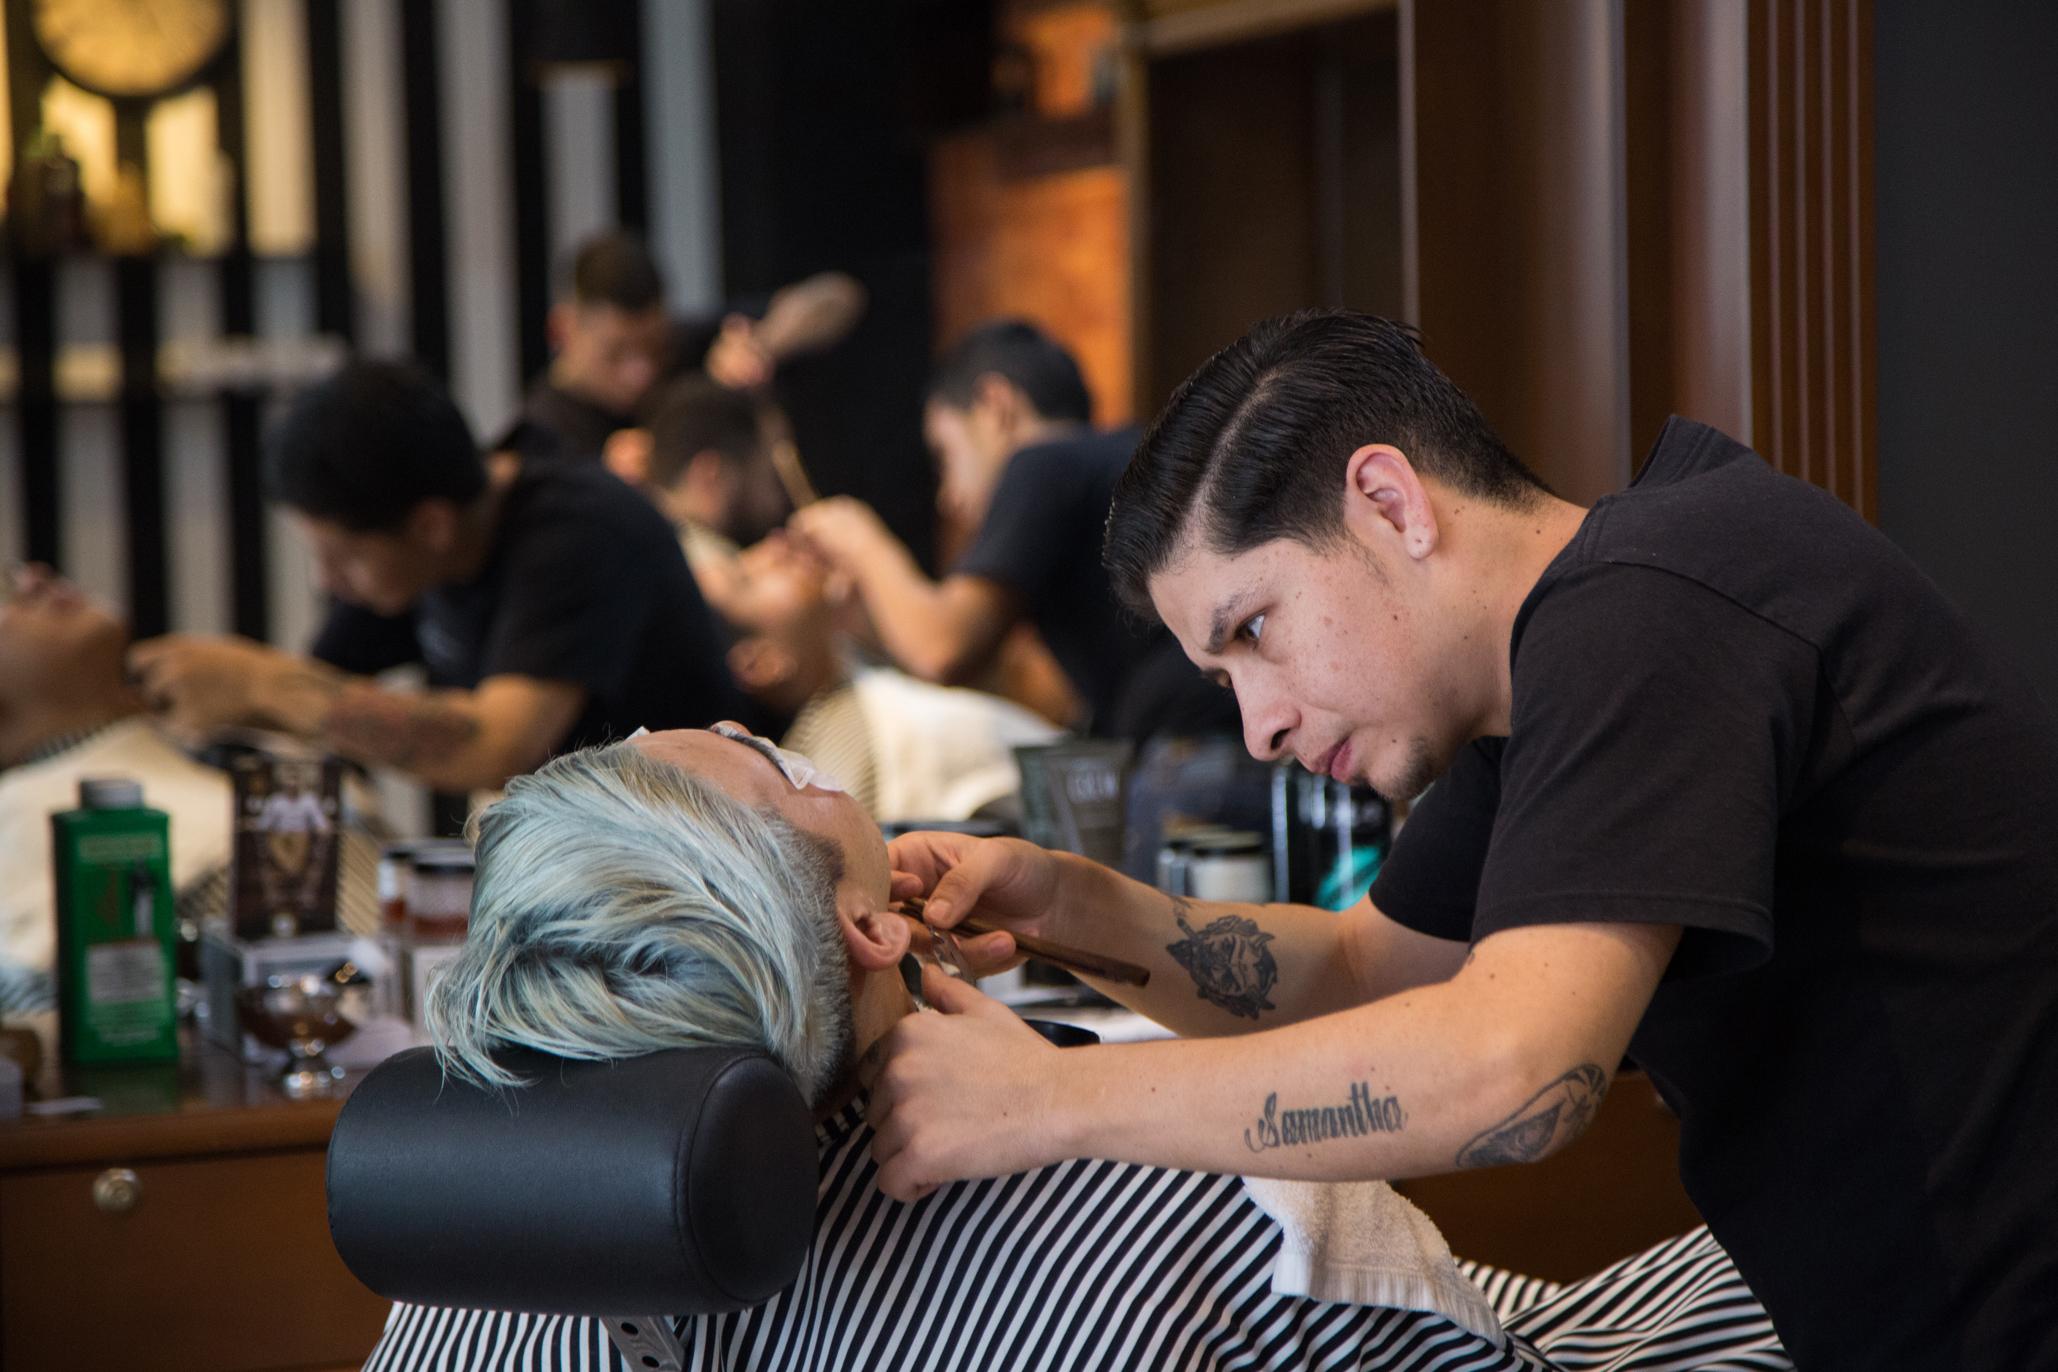 The Gentleman's Barbershop